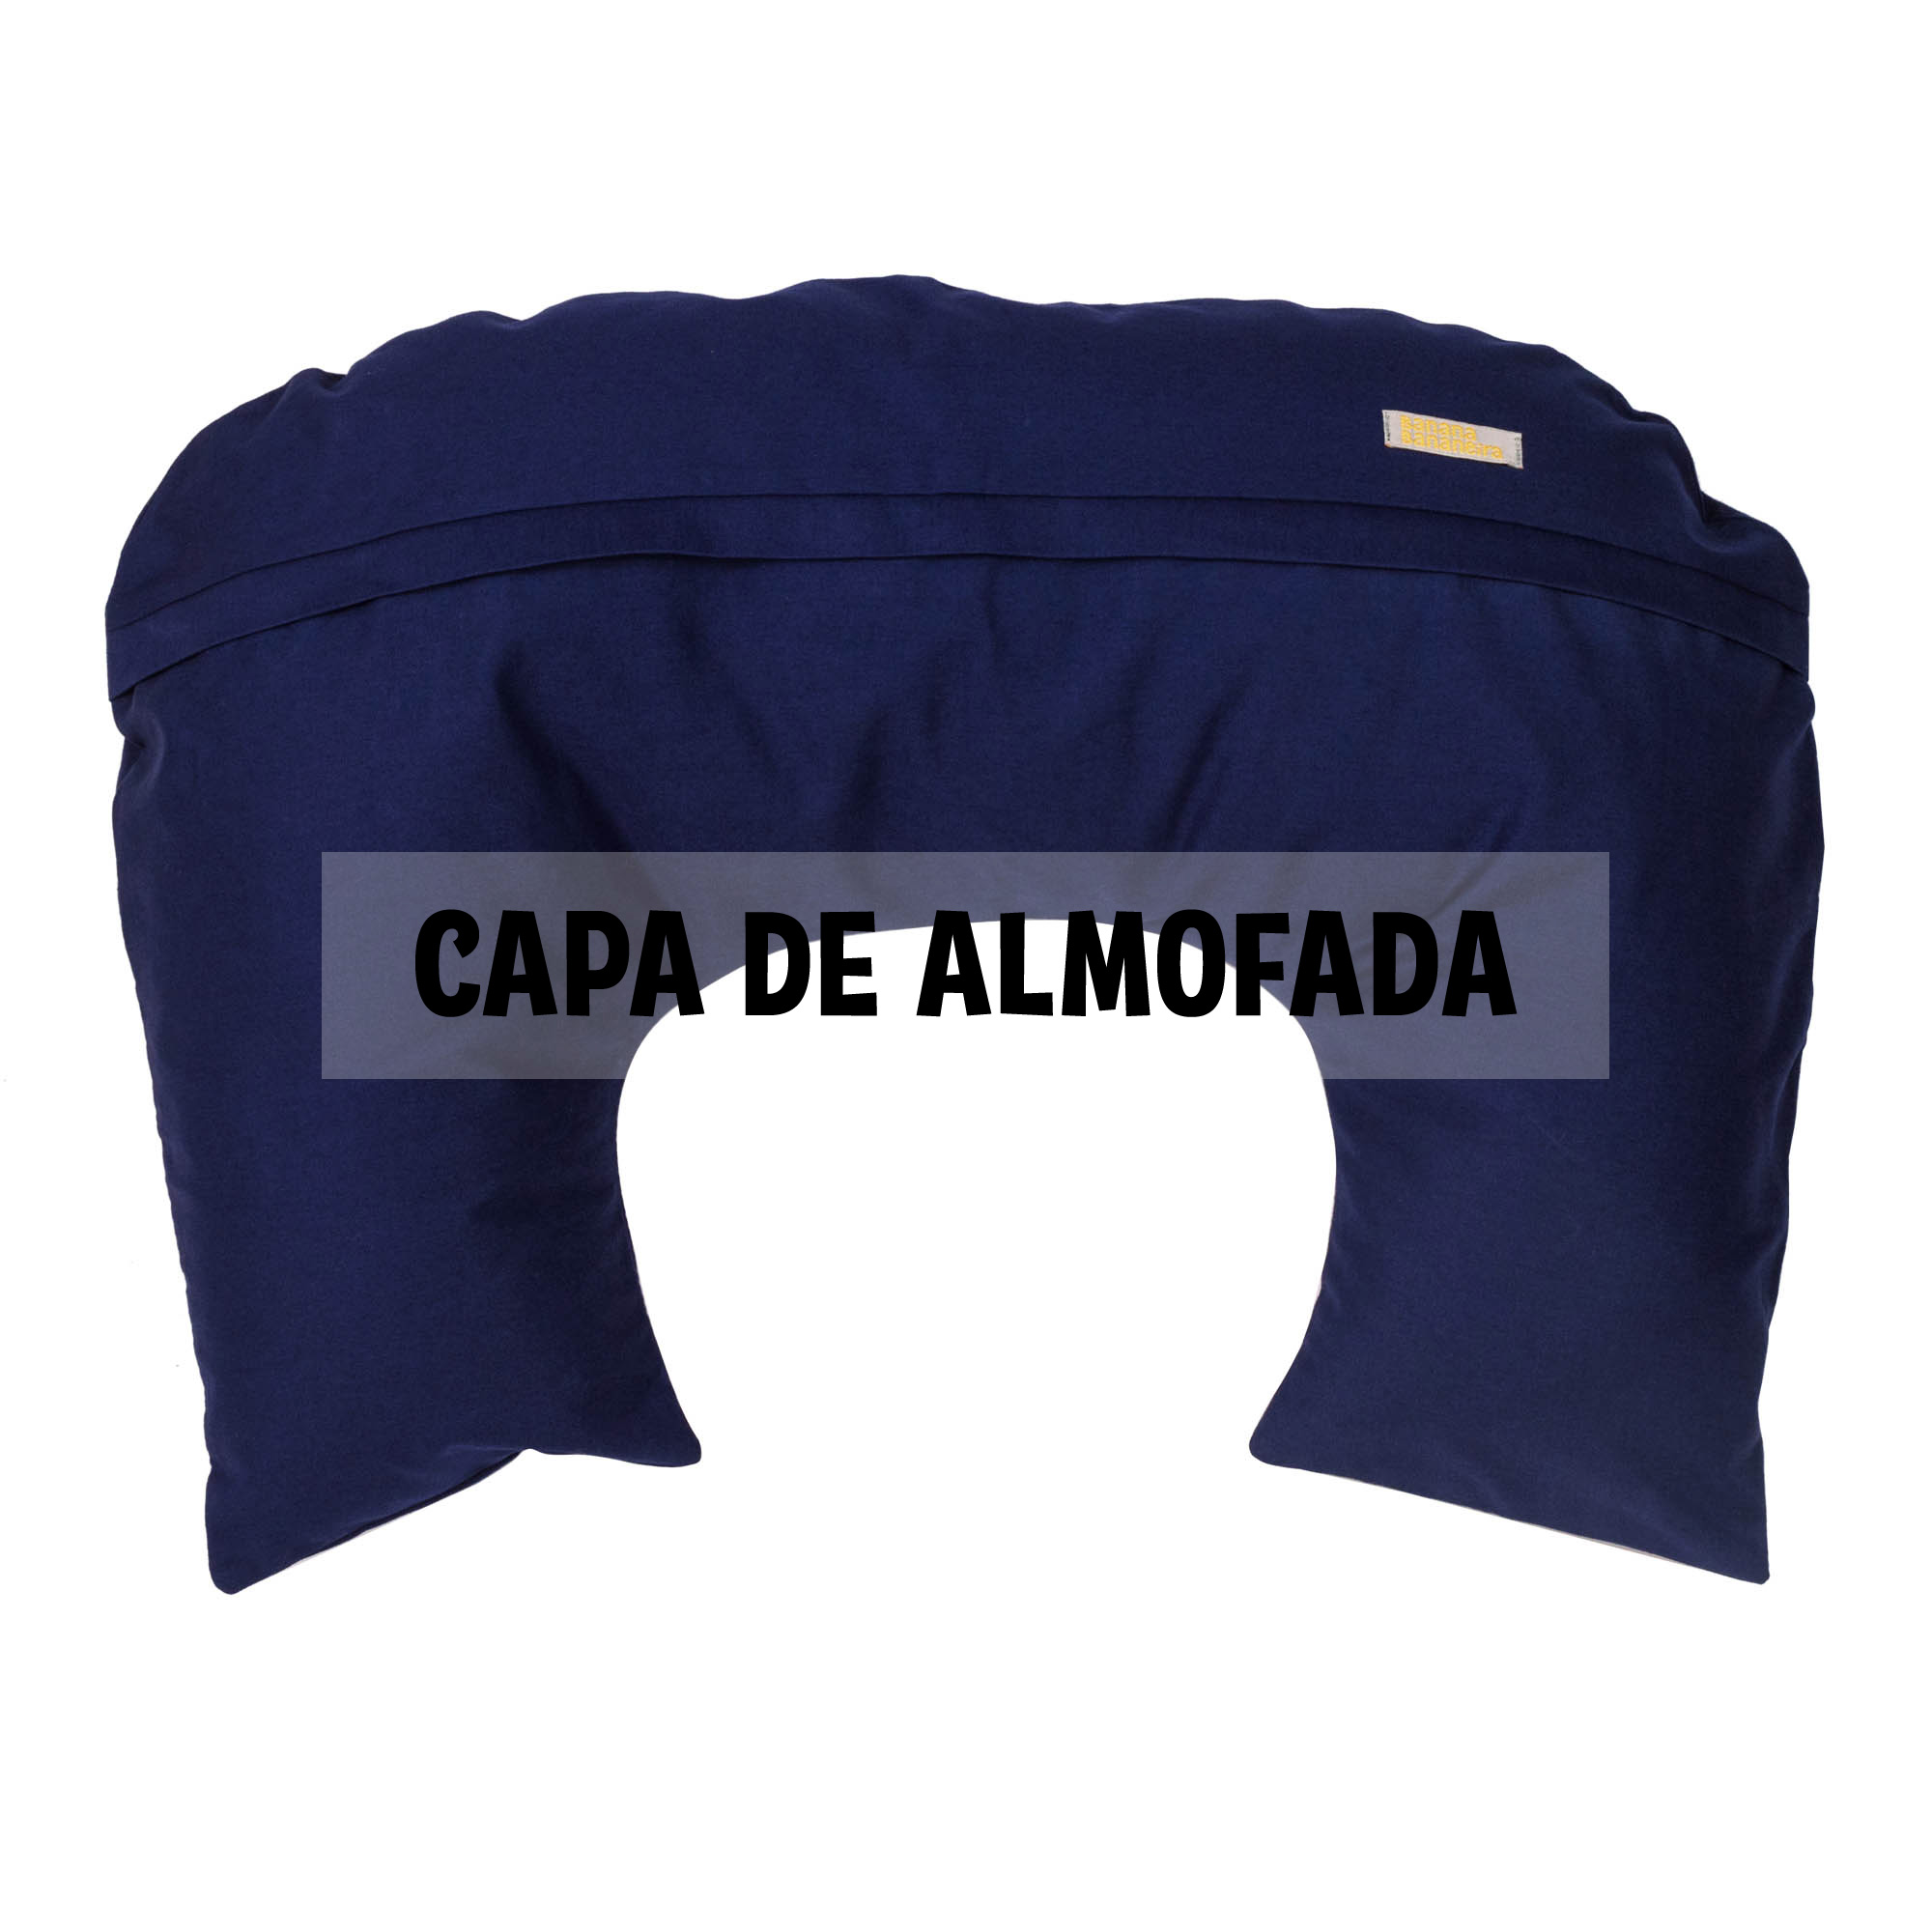 Capa de almofada de amamentação azul marinho